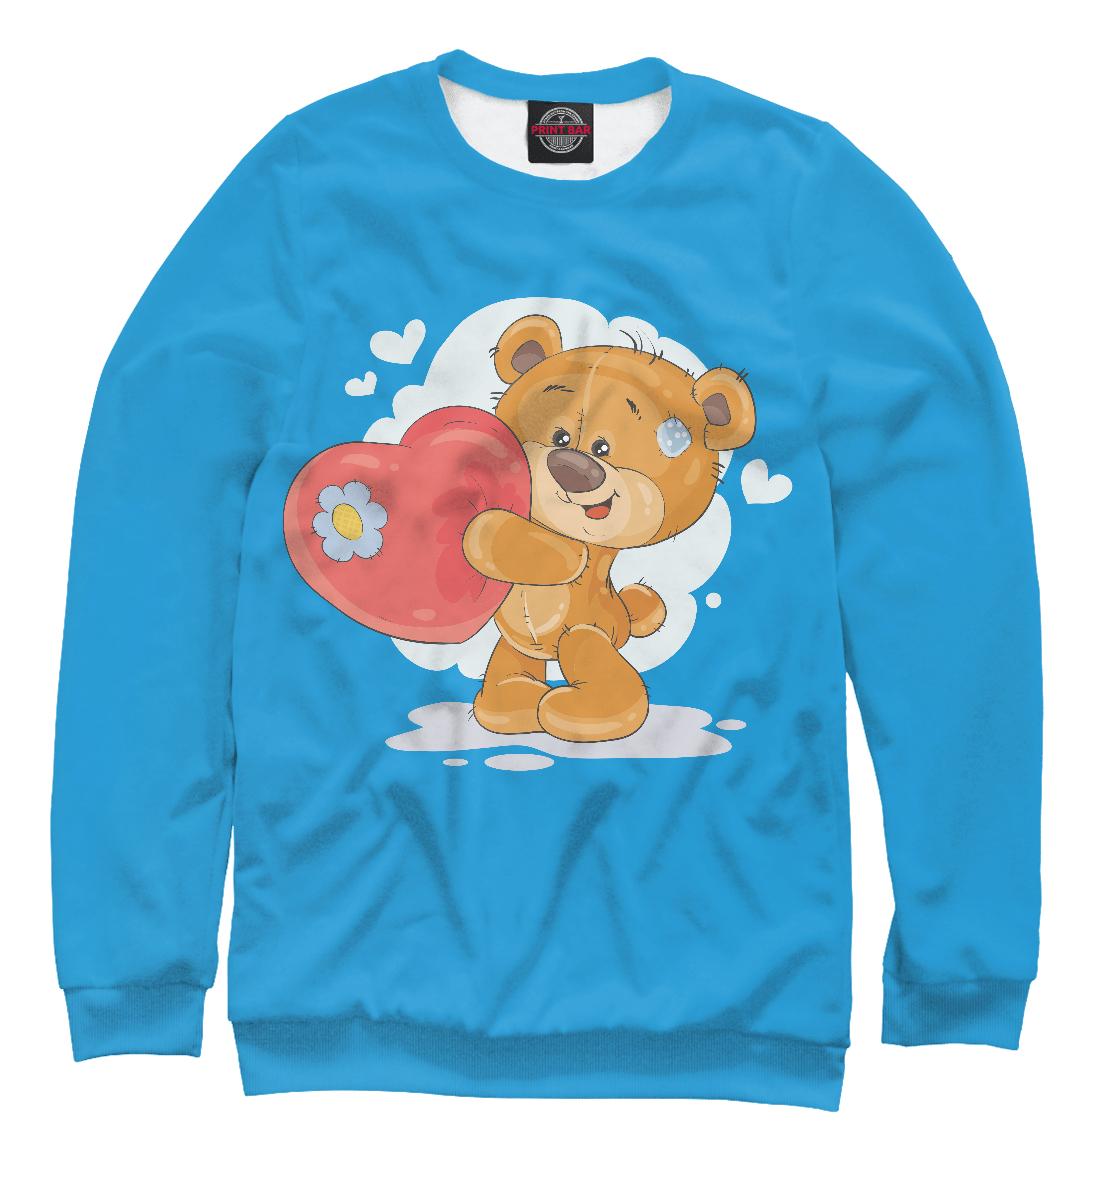 Медвежонок с сердцем, Printbar, Свитшоты, SRD-776863-swi-1  - купить со скидкой